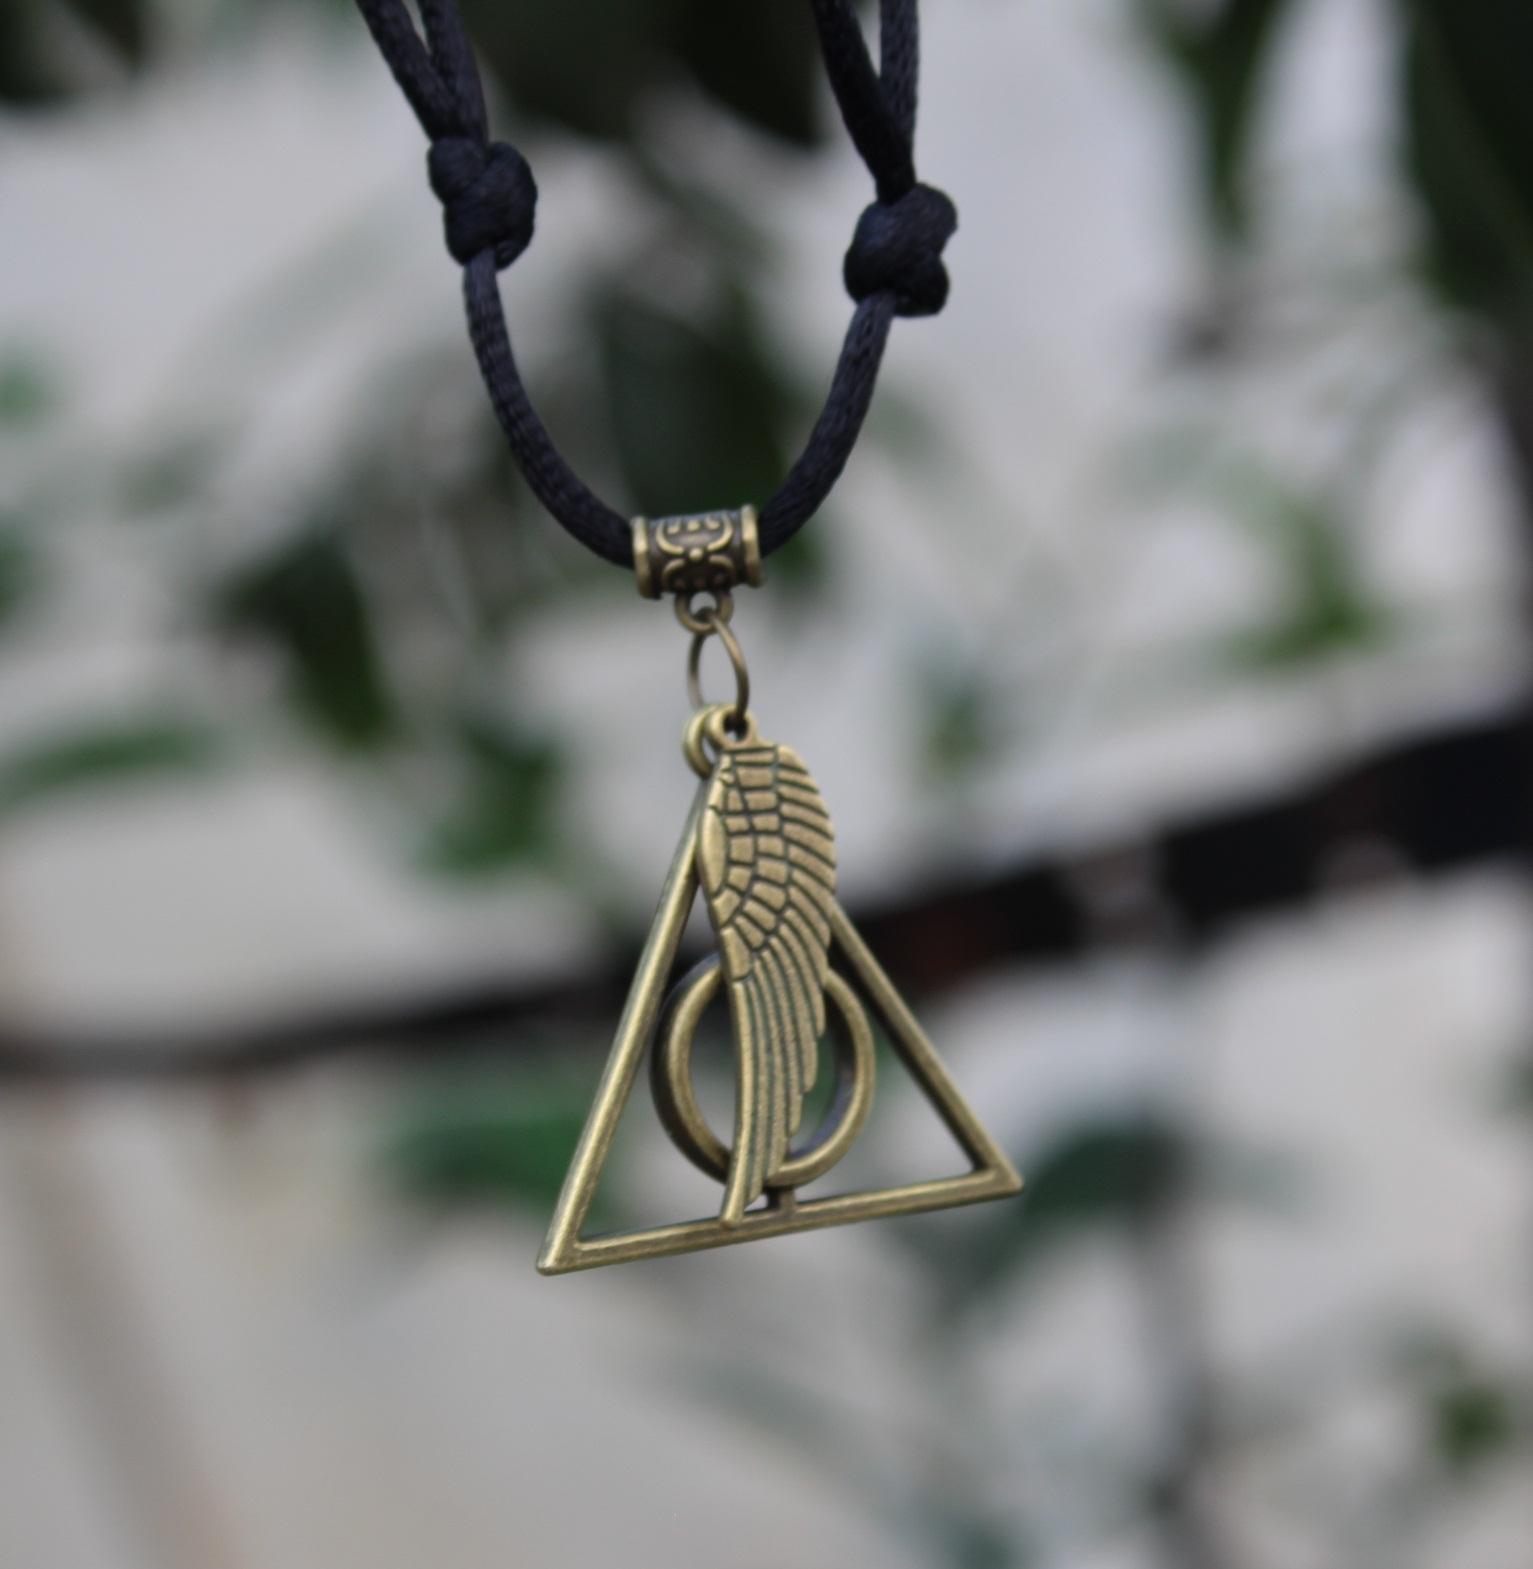 Kalung Tali Kur Cina Bandul Harry Potter dan Sayap KTC-412